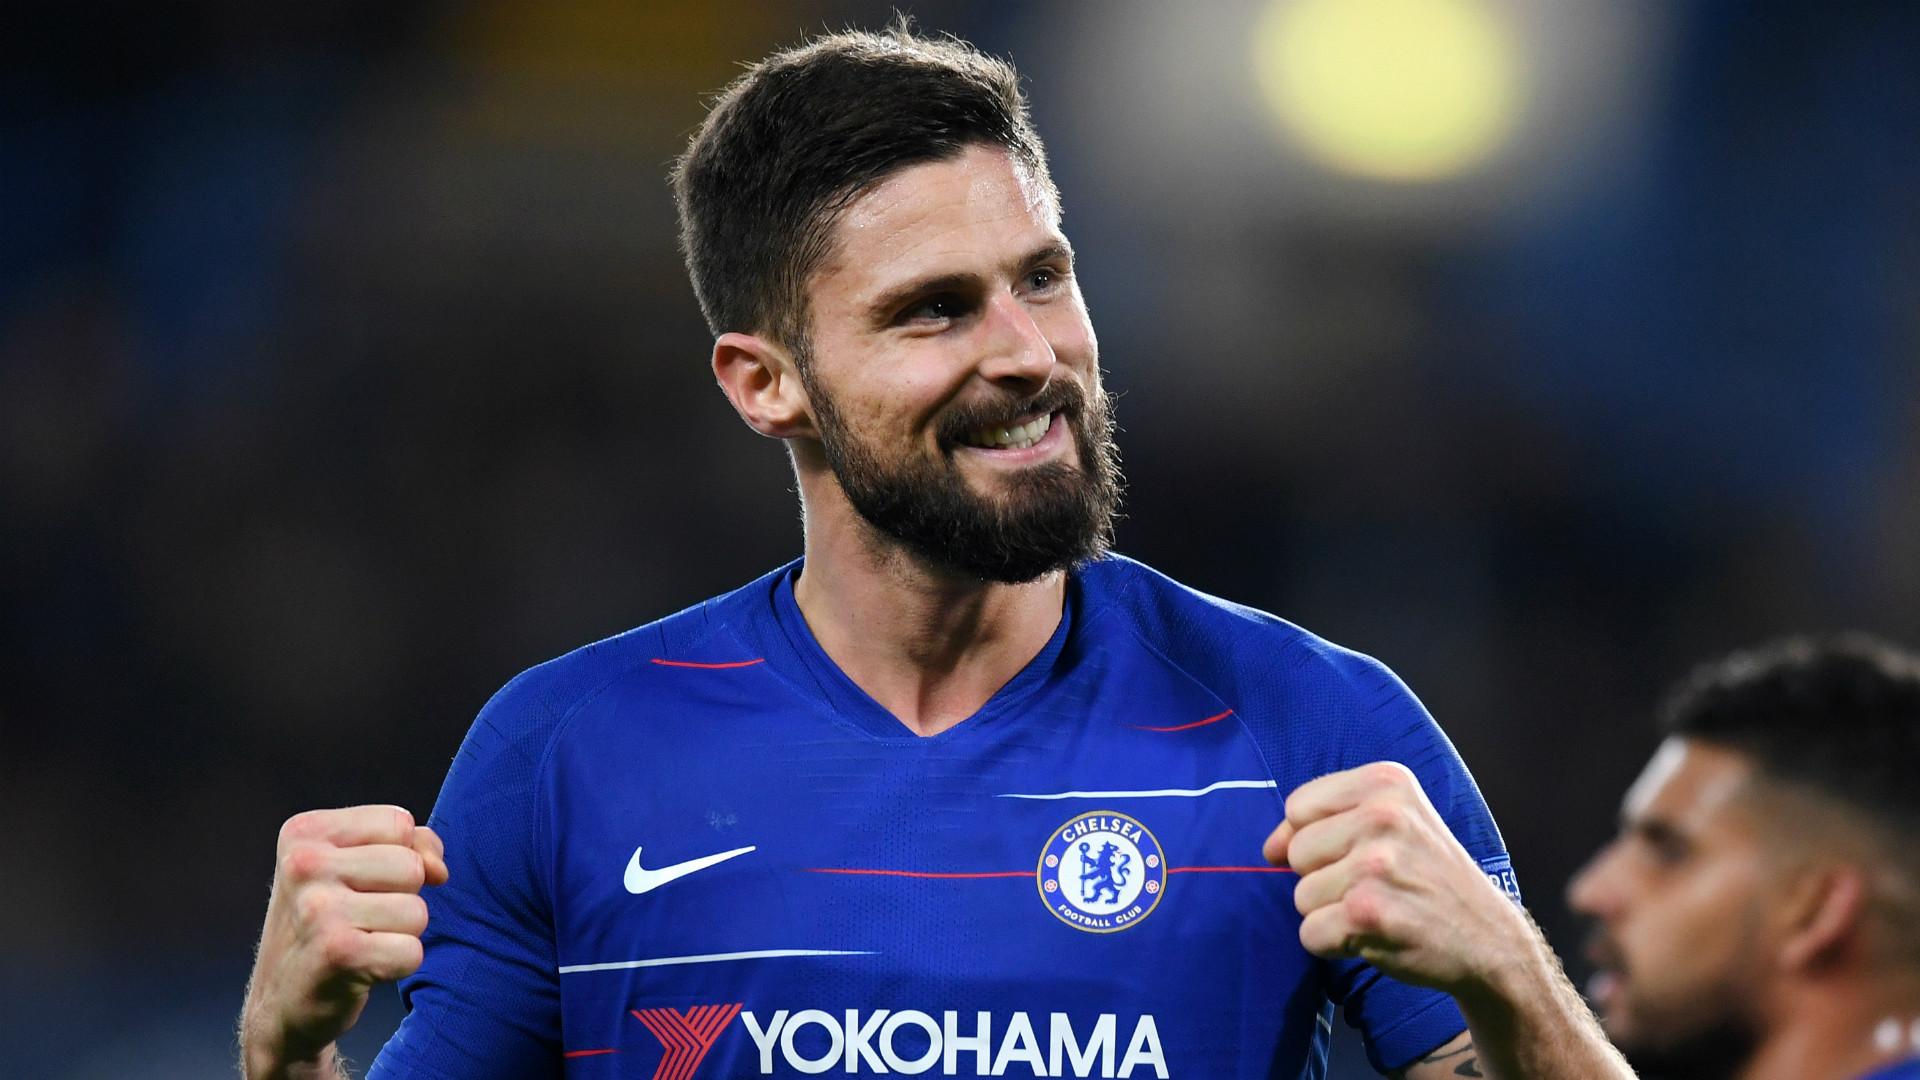 Đừng ngạc nhiên nếu Chelsea chỉ còn là đội bóng hạng trung mùa tới - Bóng Đá